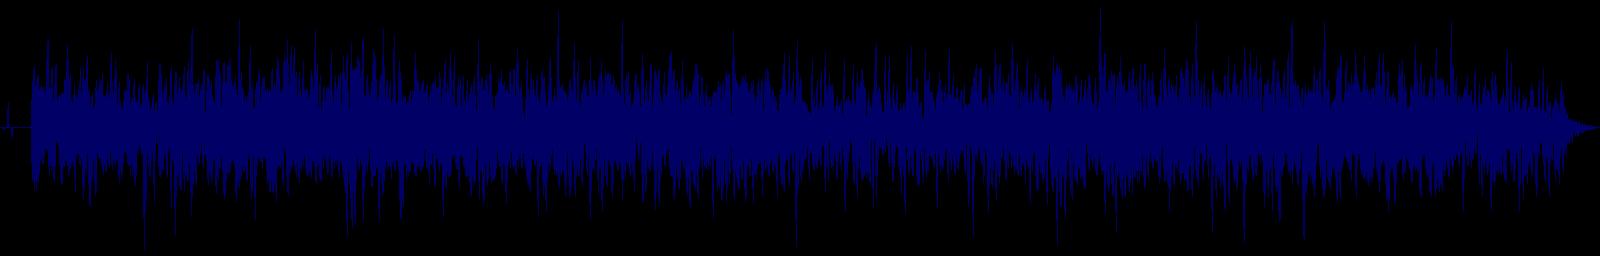 waveform of track #151463